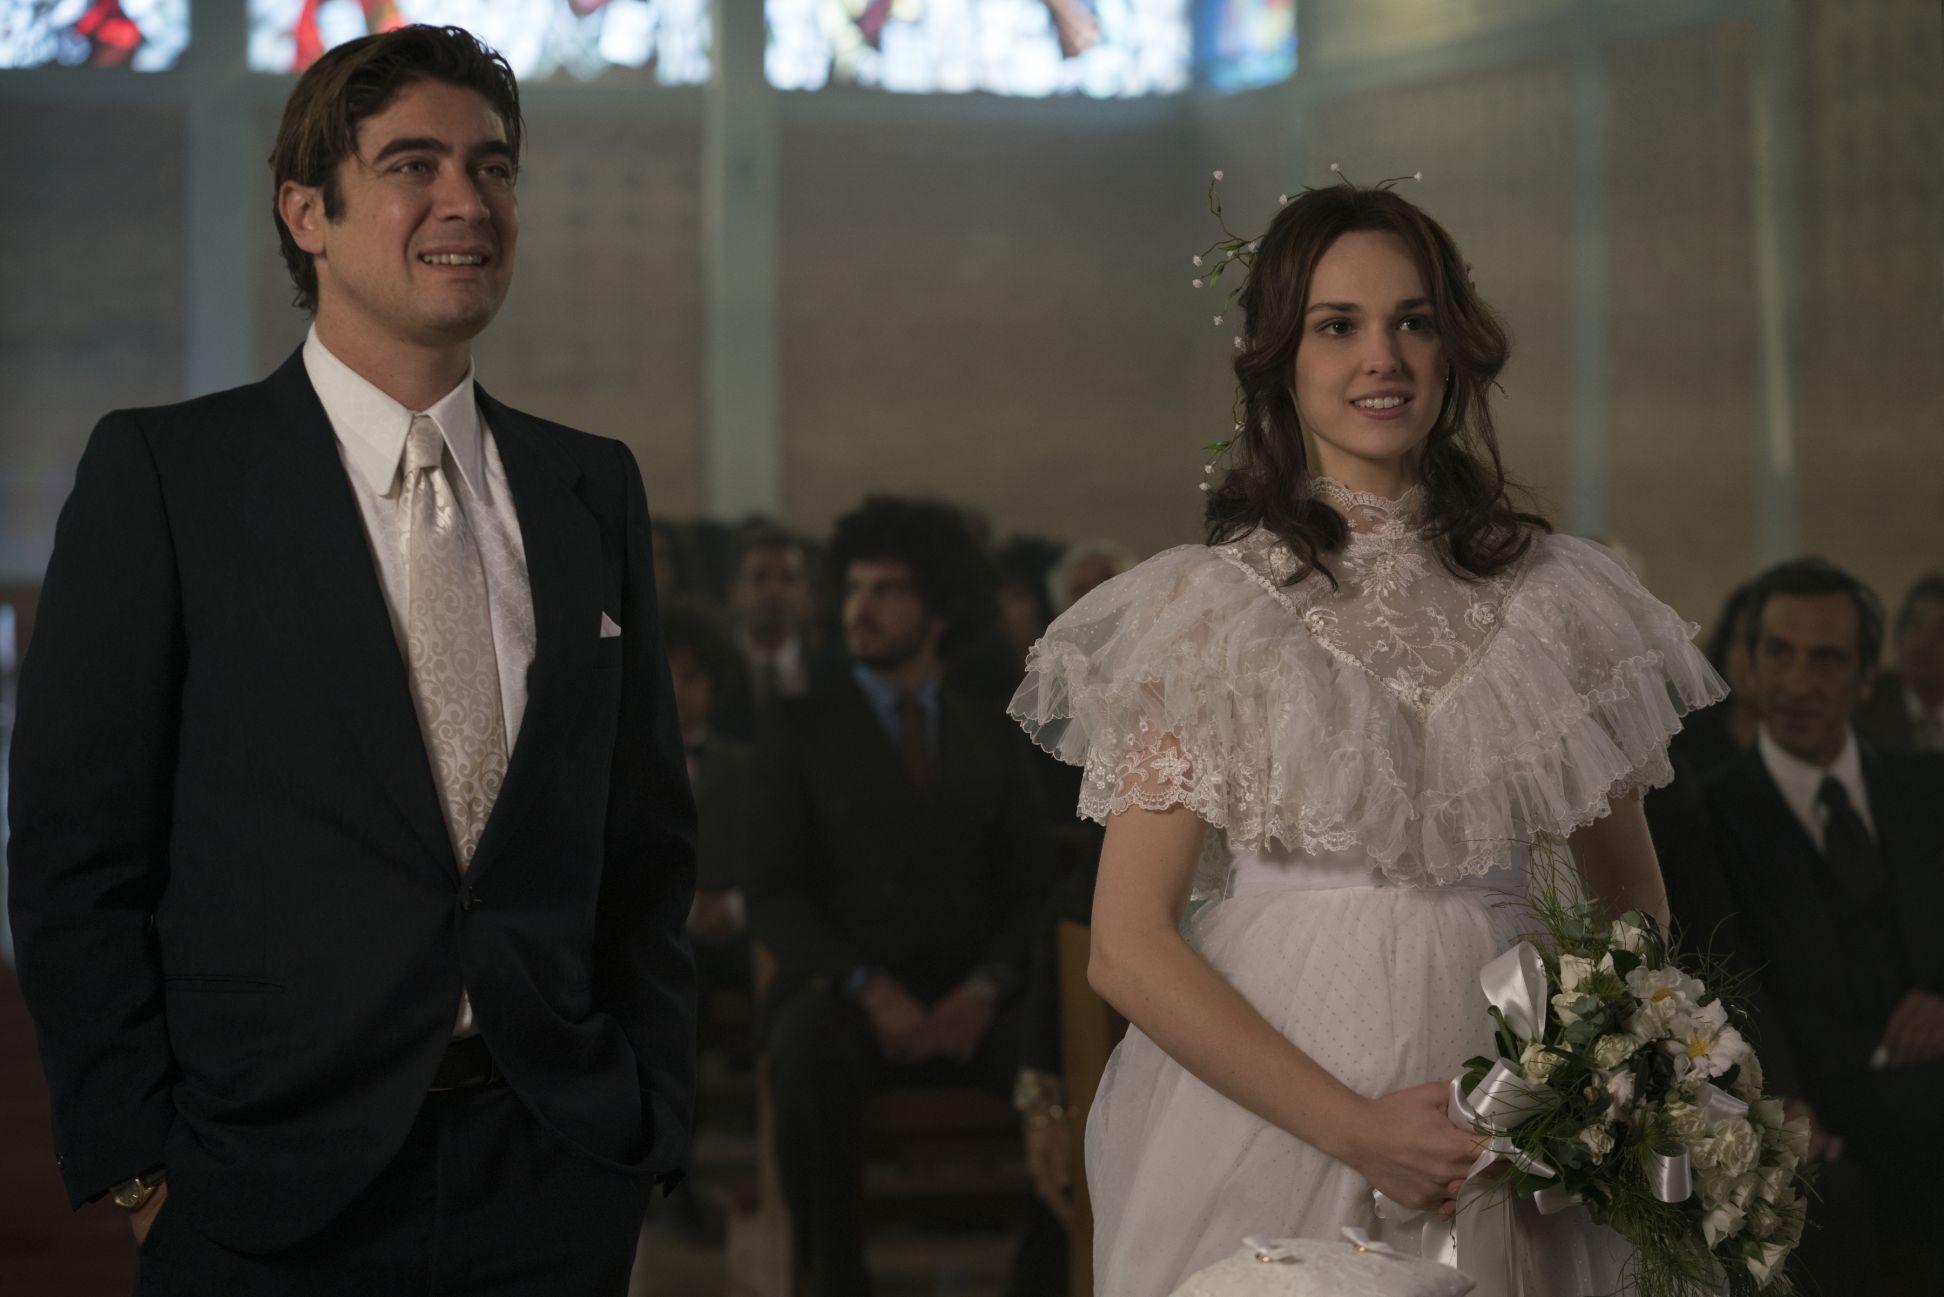 Lo Spietato: Riccardo Scamarcio e Sara Serraiocco in una scena